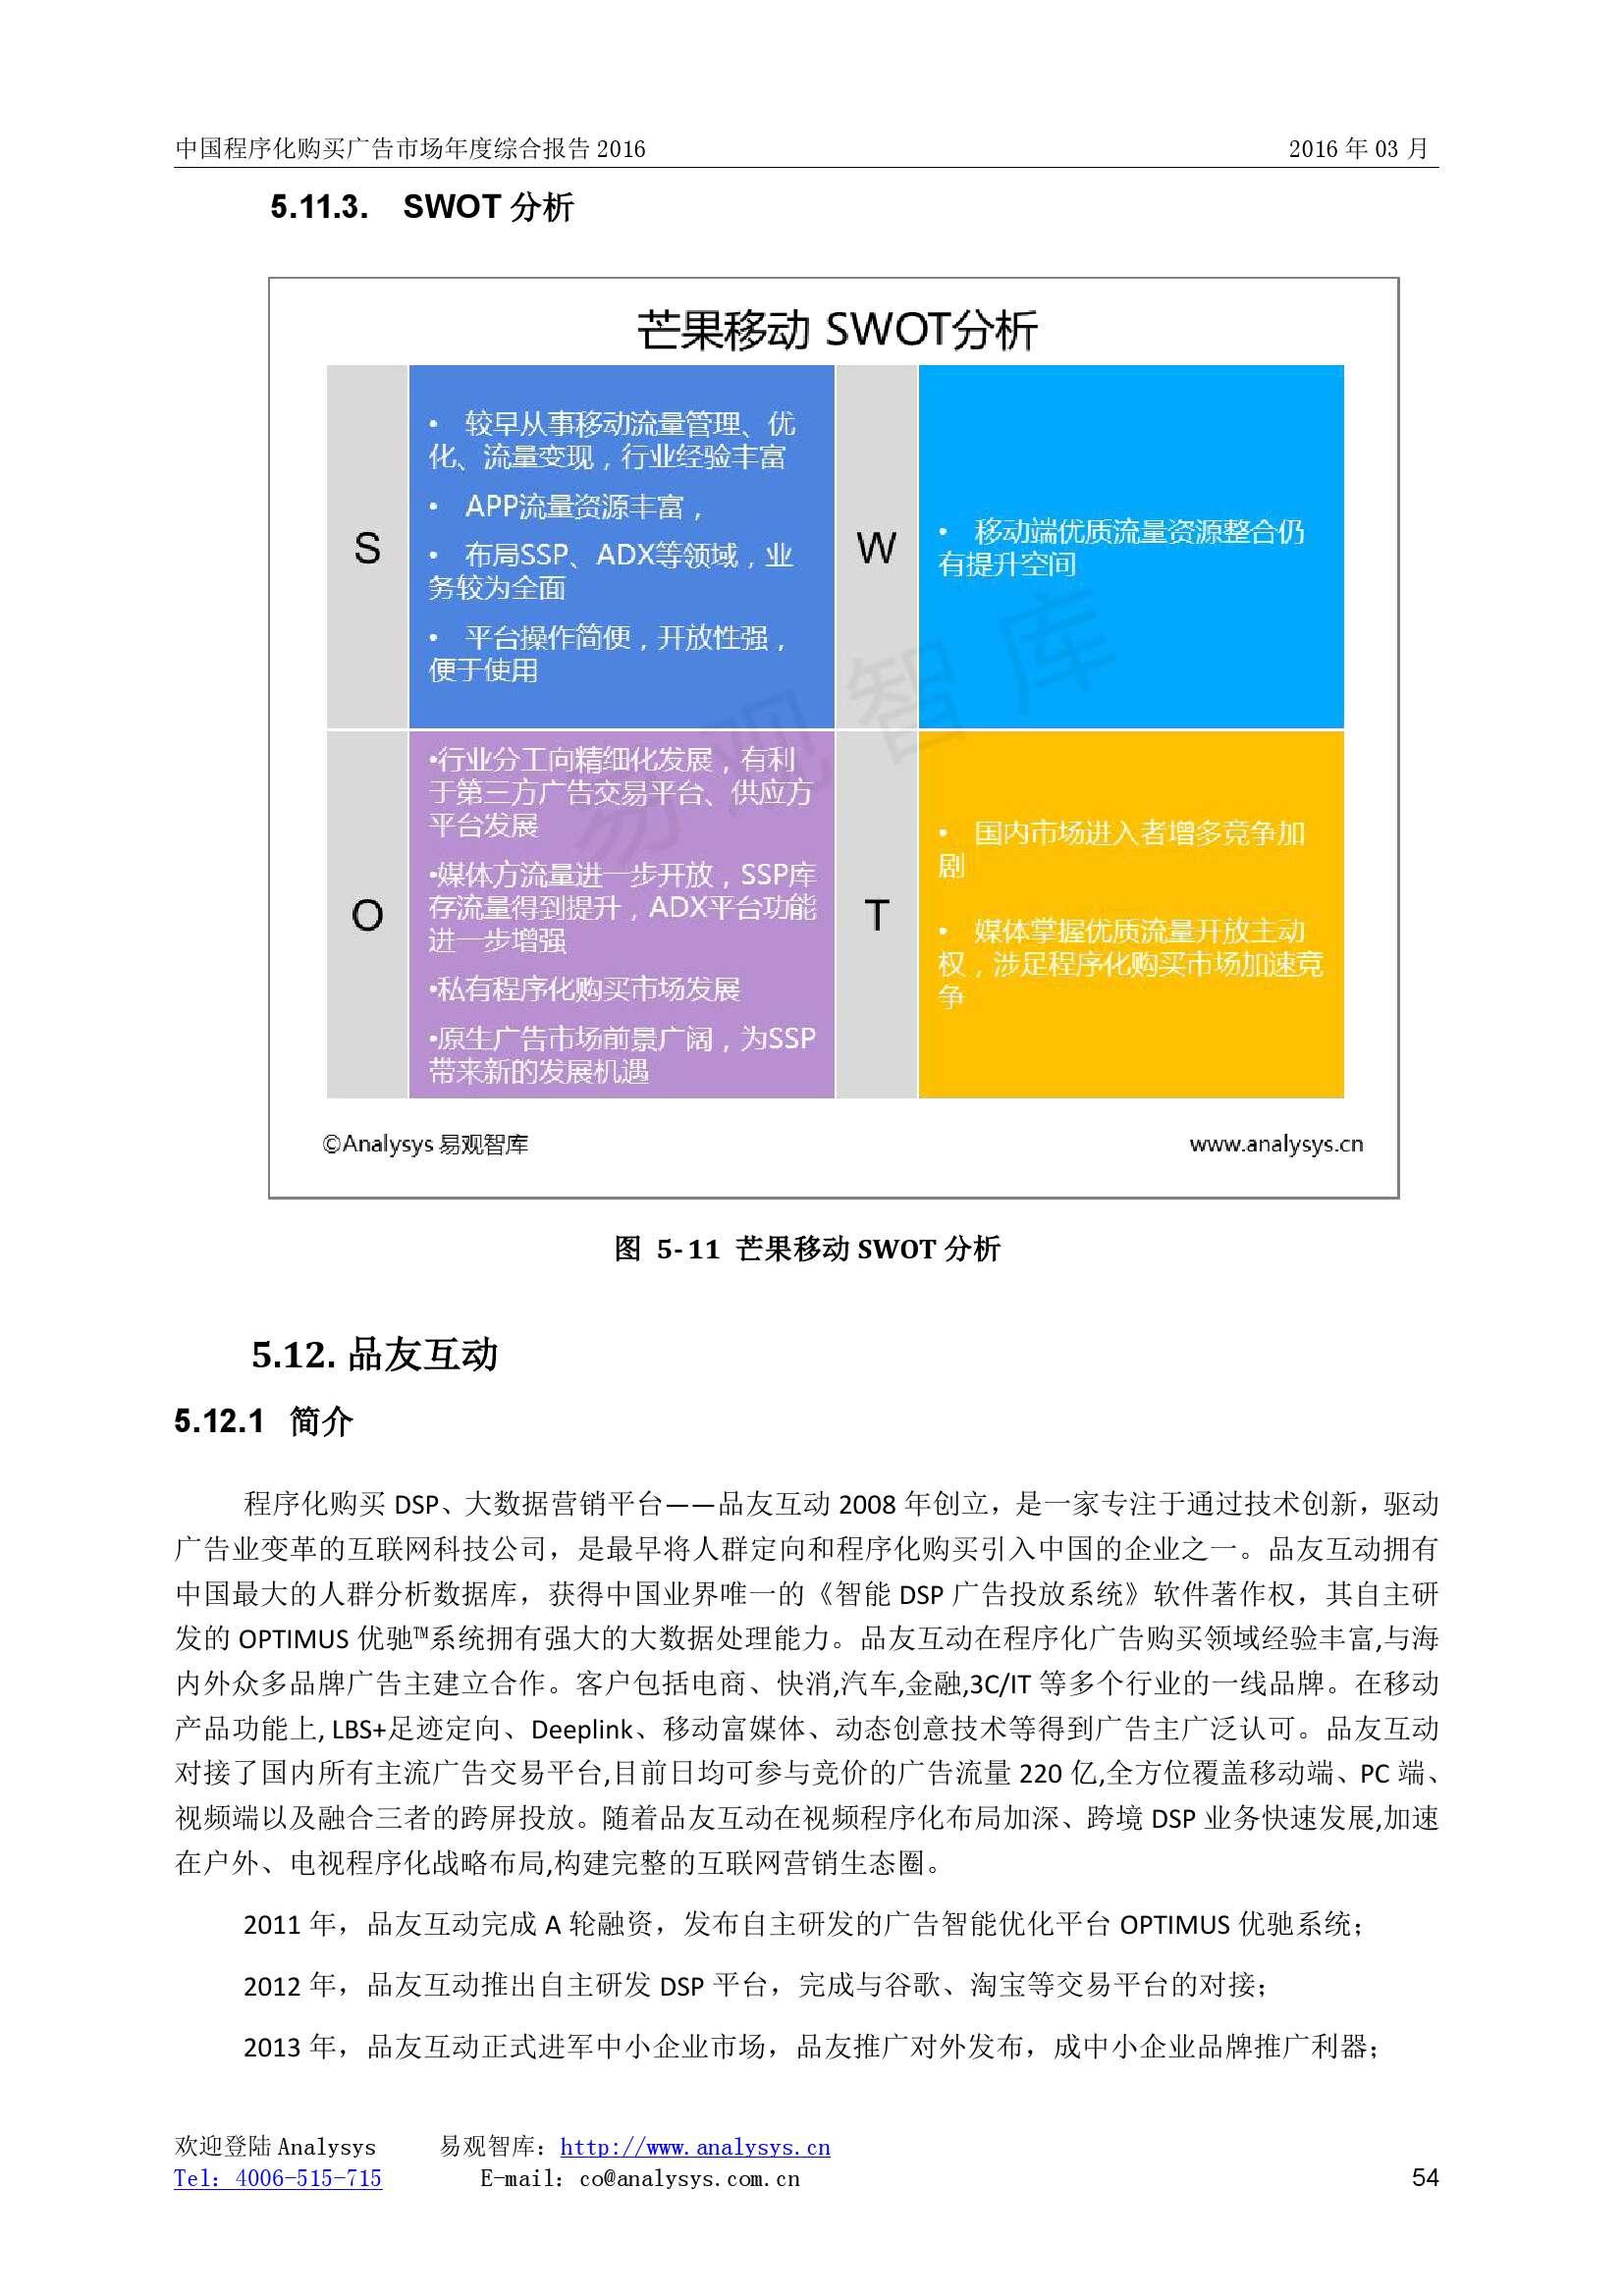 中国程序化购买广告市场年度综合报告2016_000054